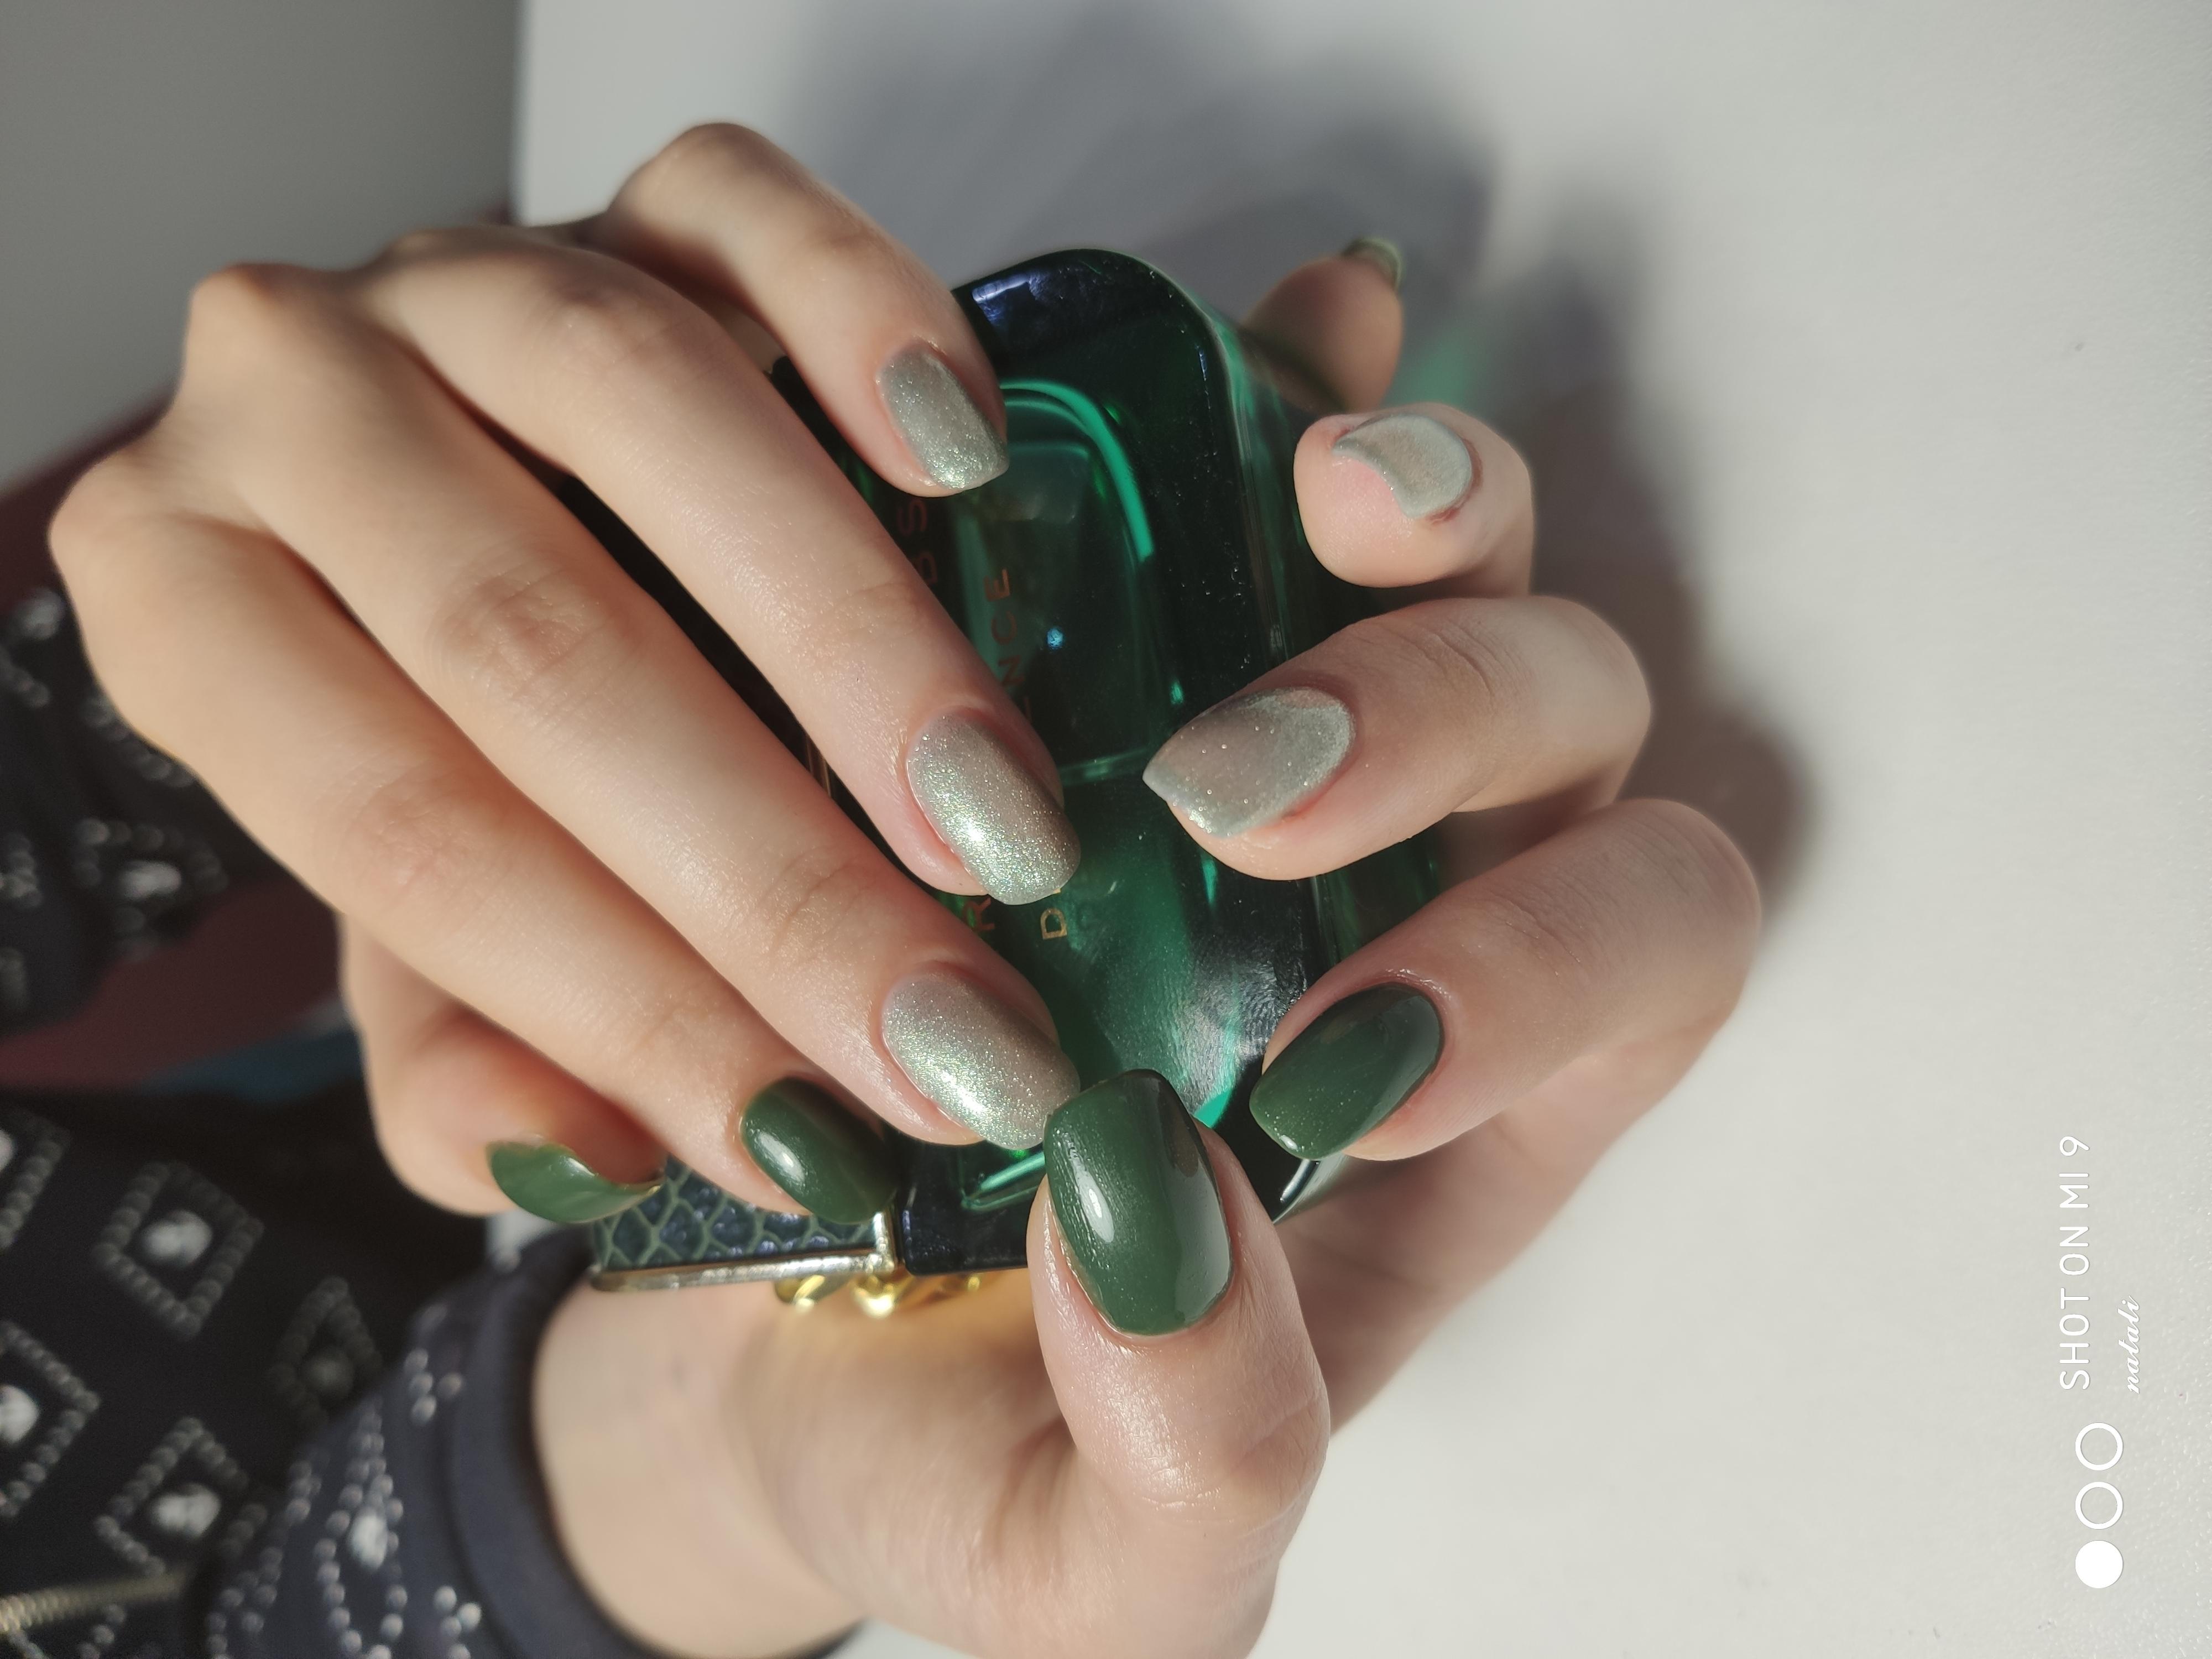 Маникюр с серебряными блестками в зеленом цвете.